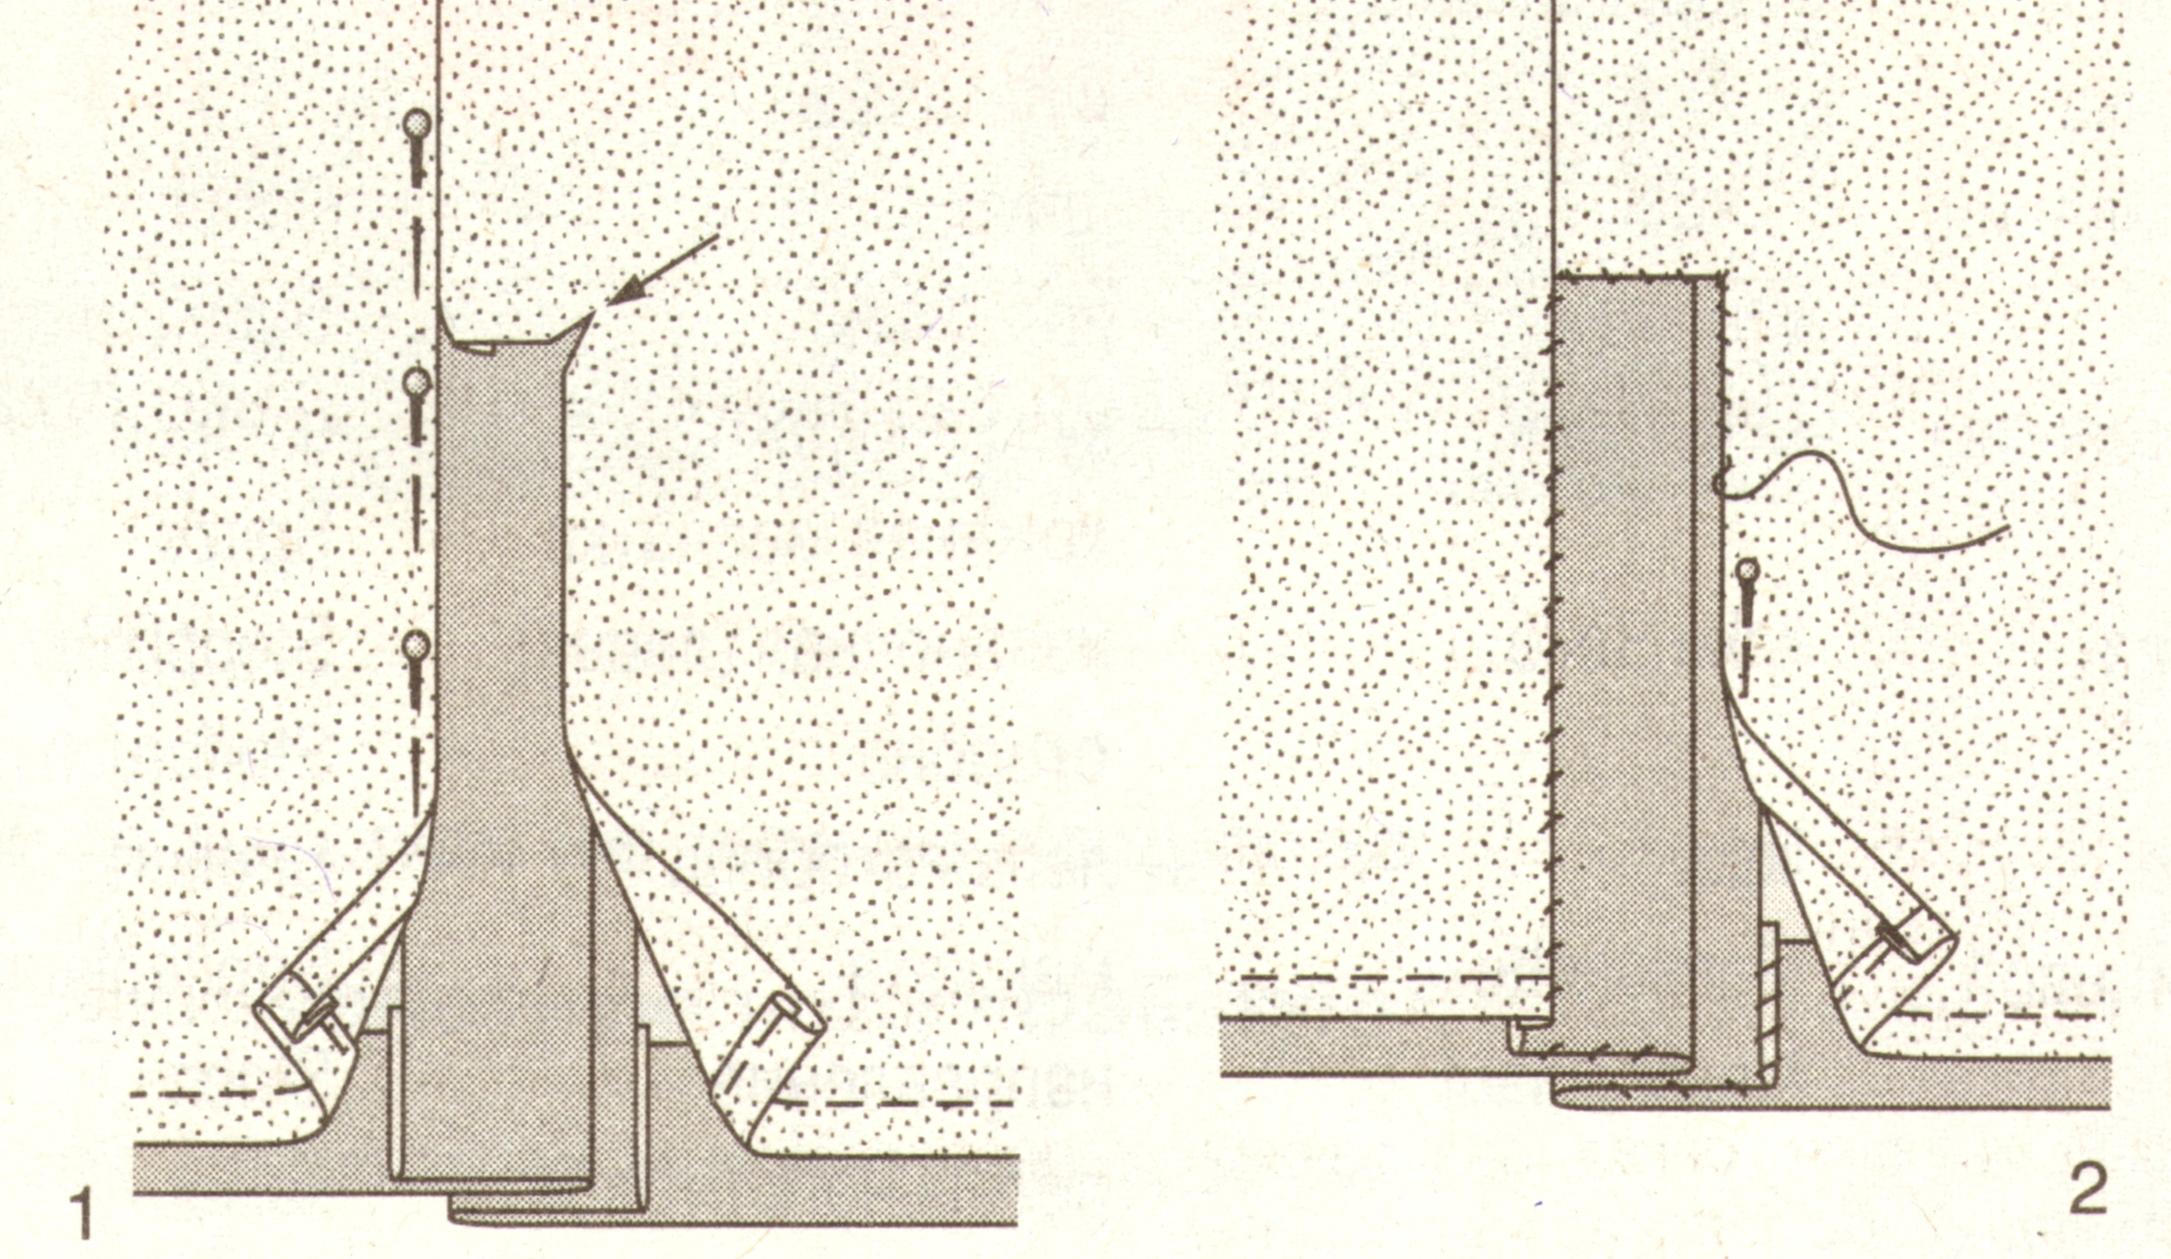 Обработка юбки подкладкой со шлицей